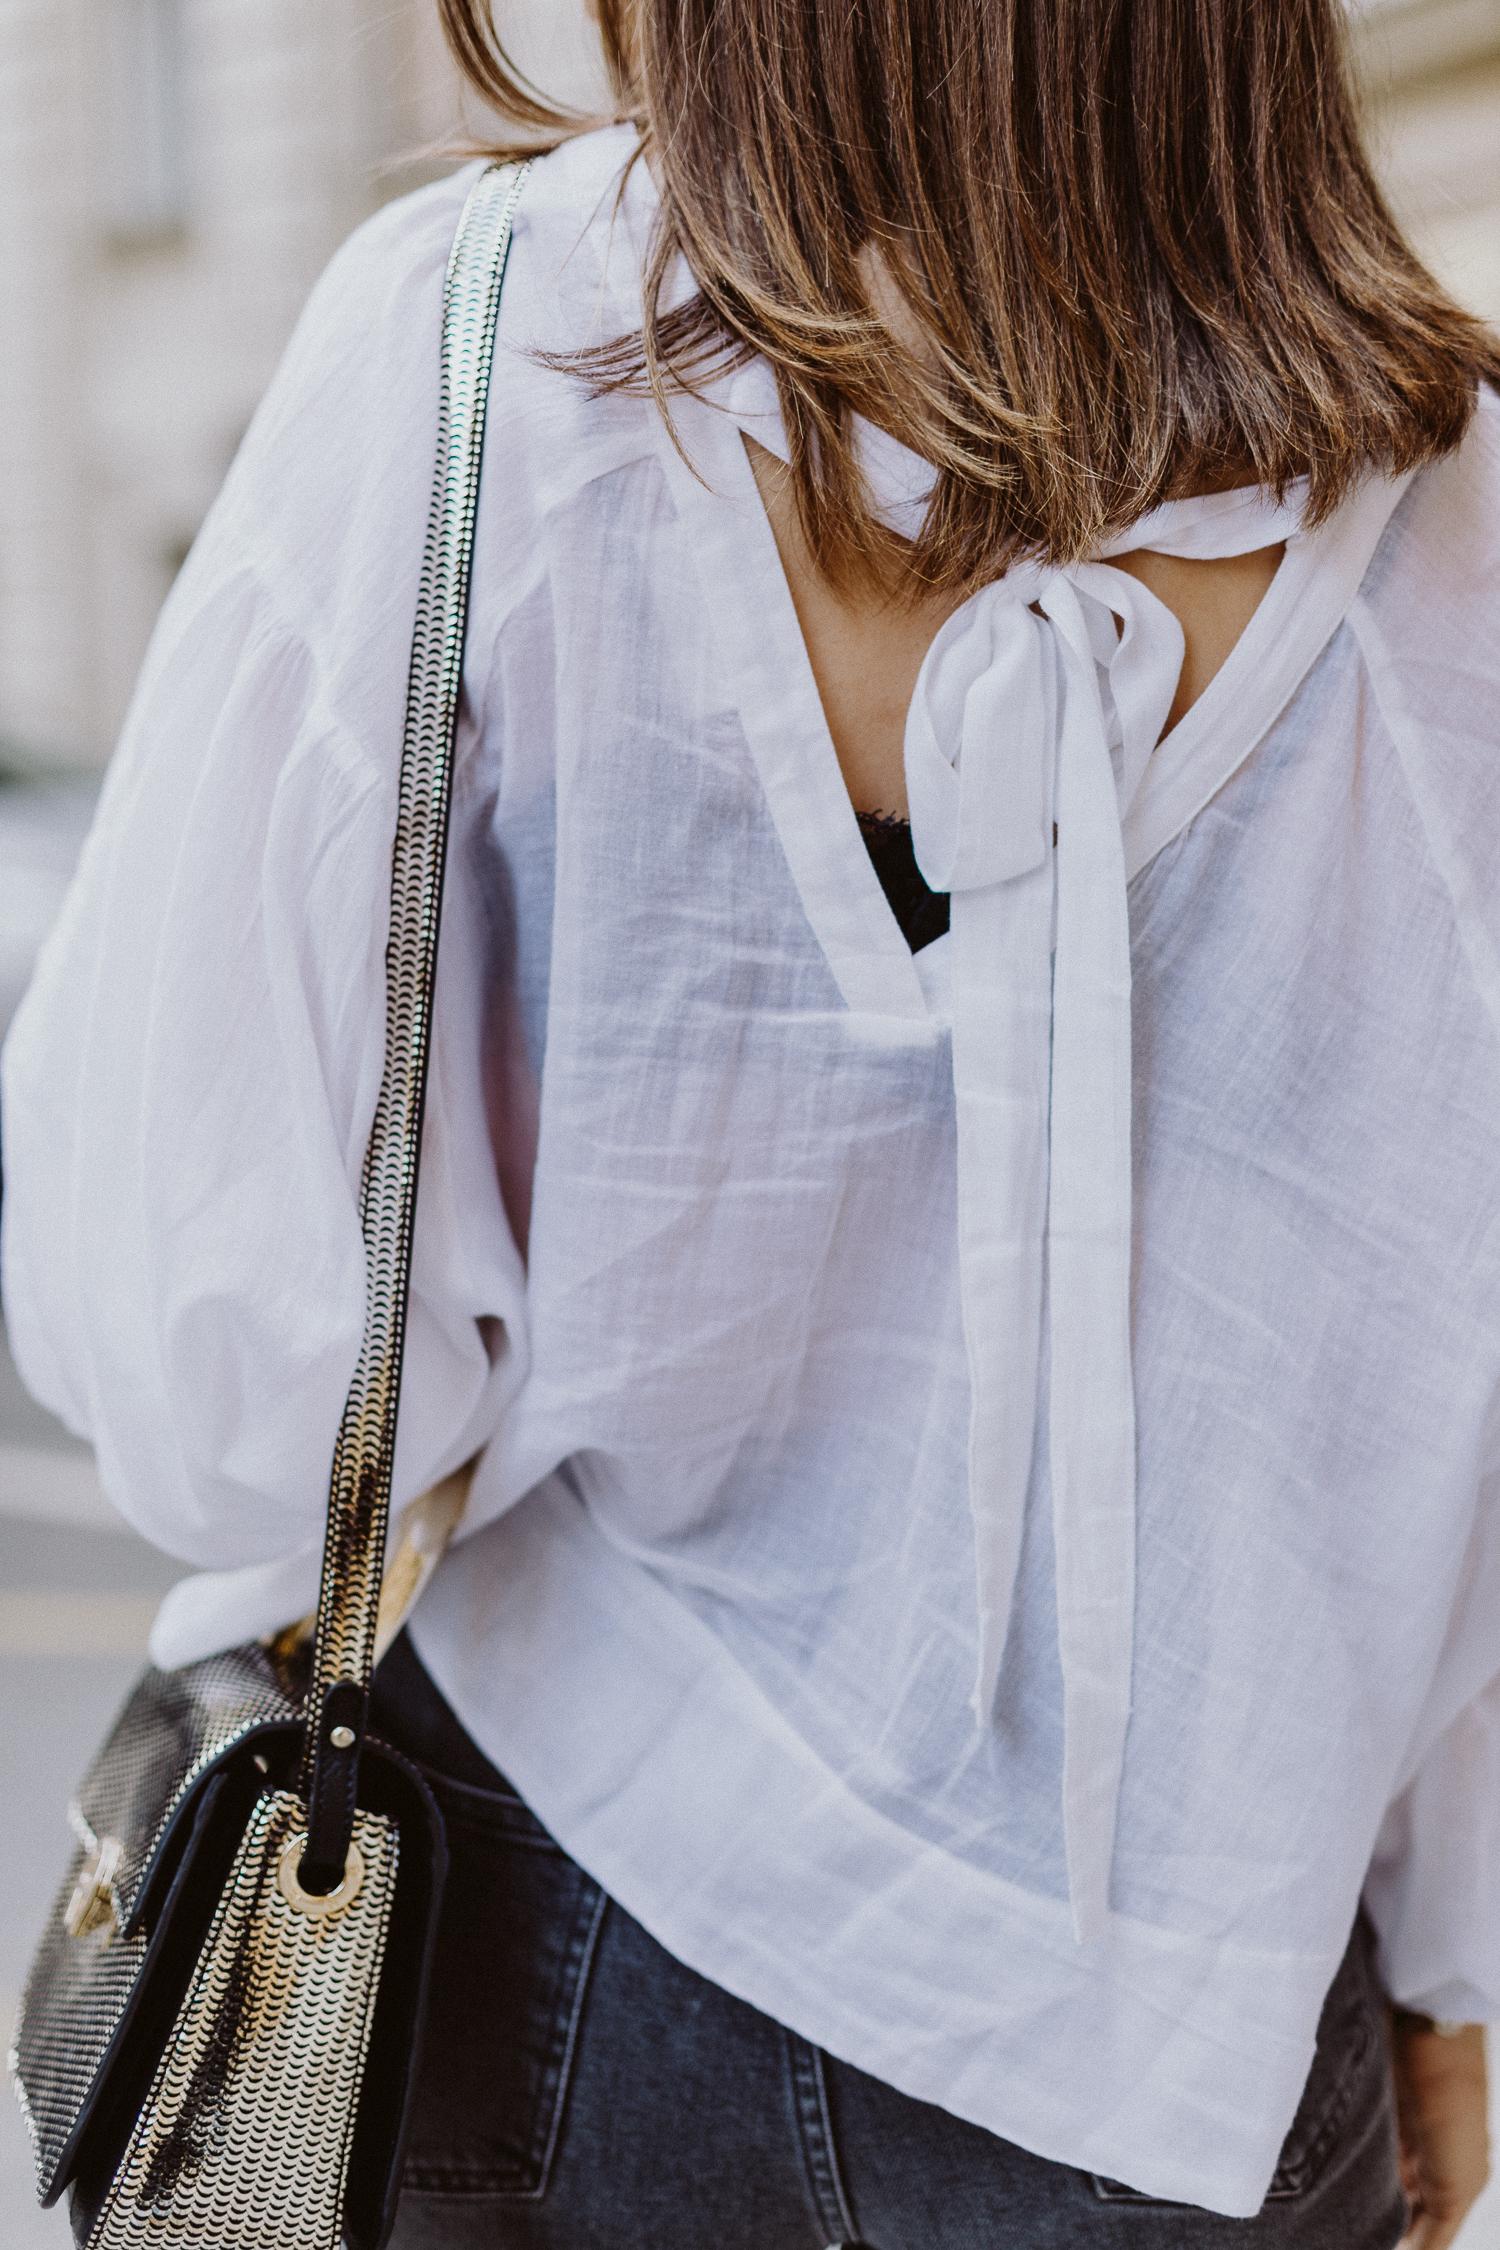 Editor's Pick: Sommertop, weiße Blusentops für den Sommer | Love Daily Dose